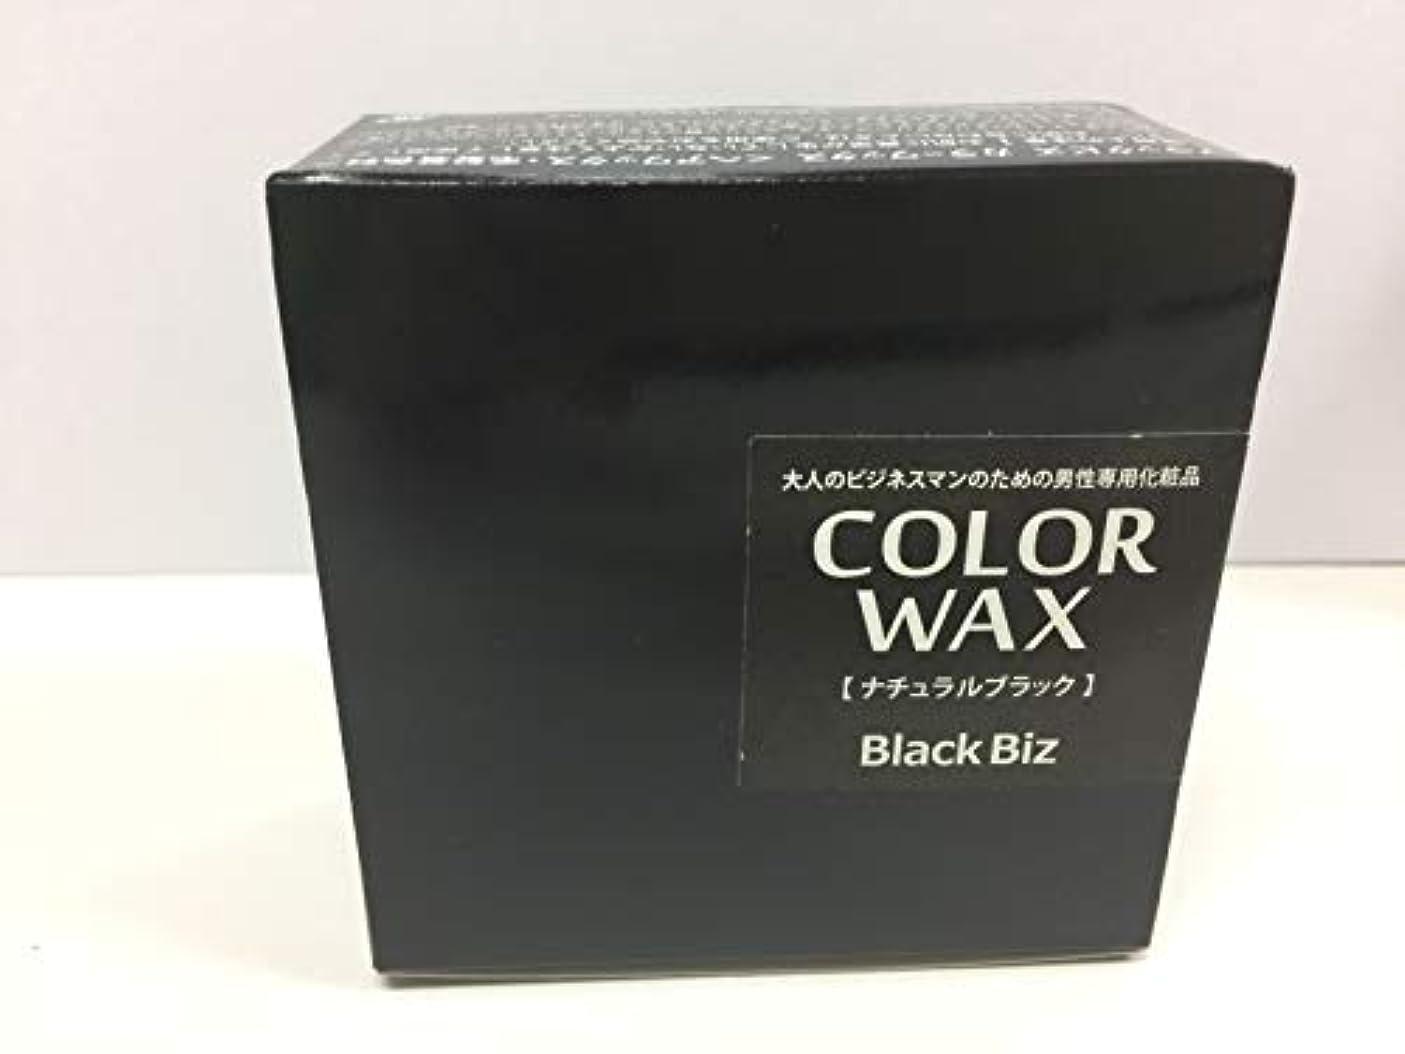 変更可能風刺累積大人のビジネスマンのための男性専用化粧品 BlackBiz COLOR WAX ブラックビズ カラーワックス 【ナチュラルブラック】